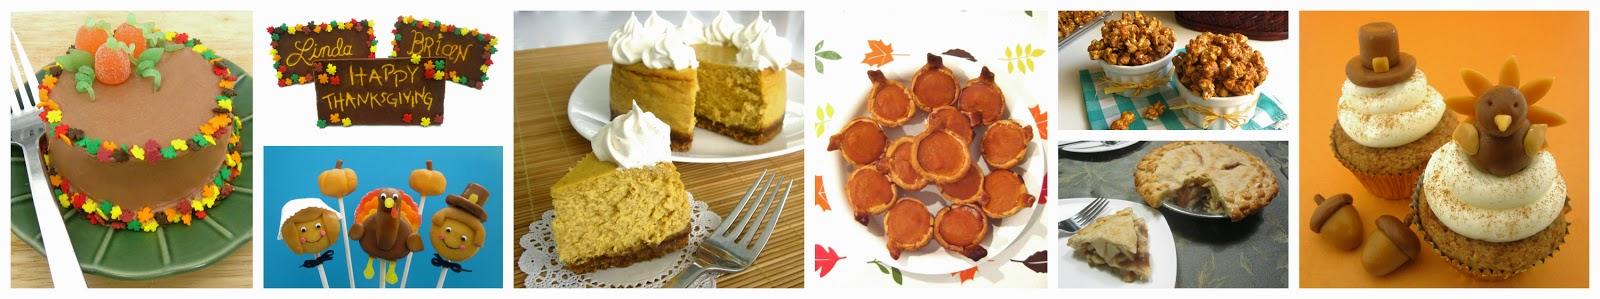 http://blog.dollhousebakeshoppe.com/2011/11/thanksgiving-roundup.html